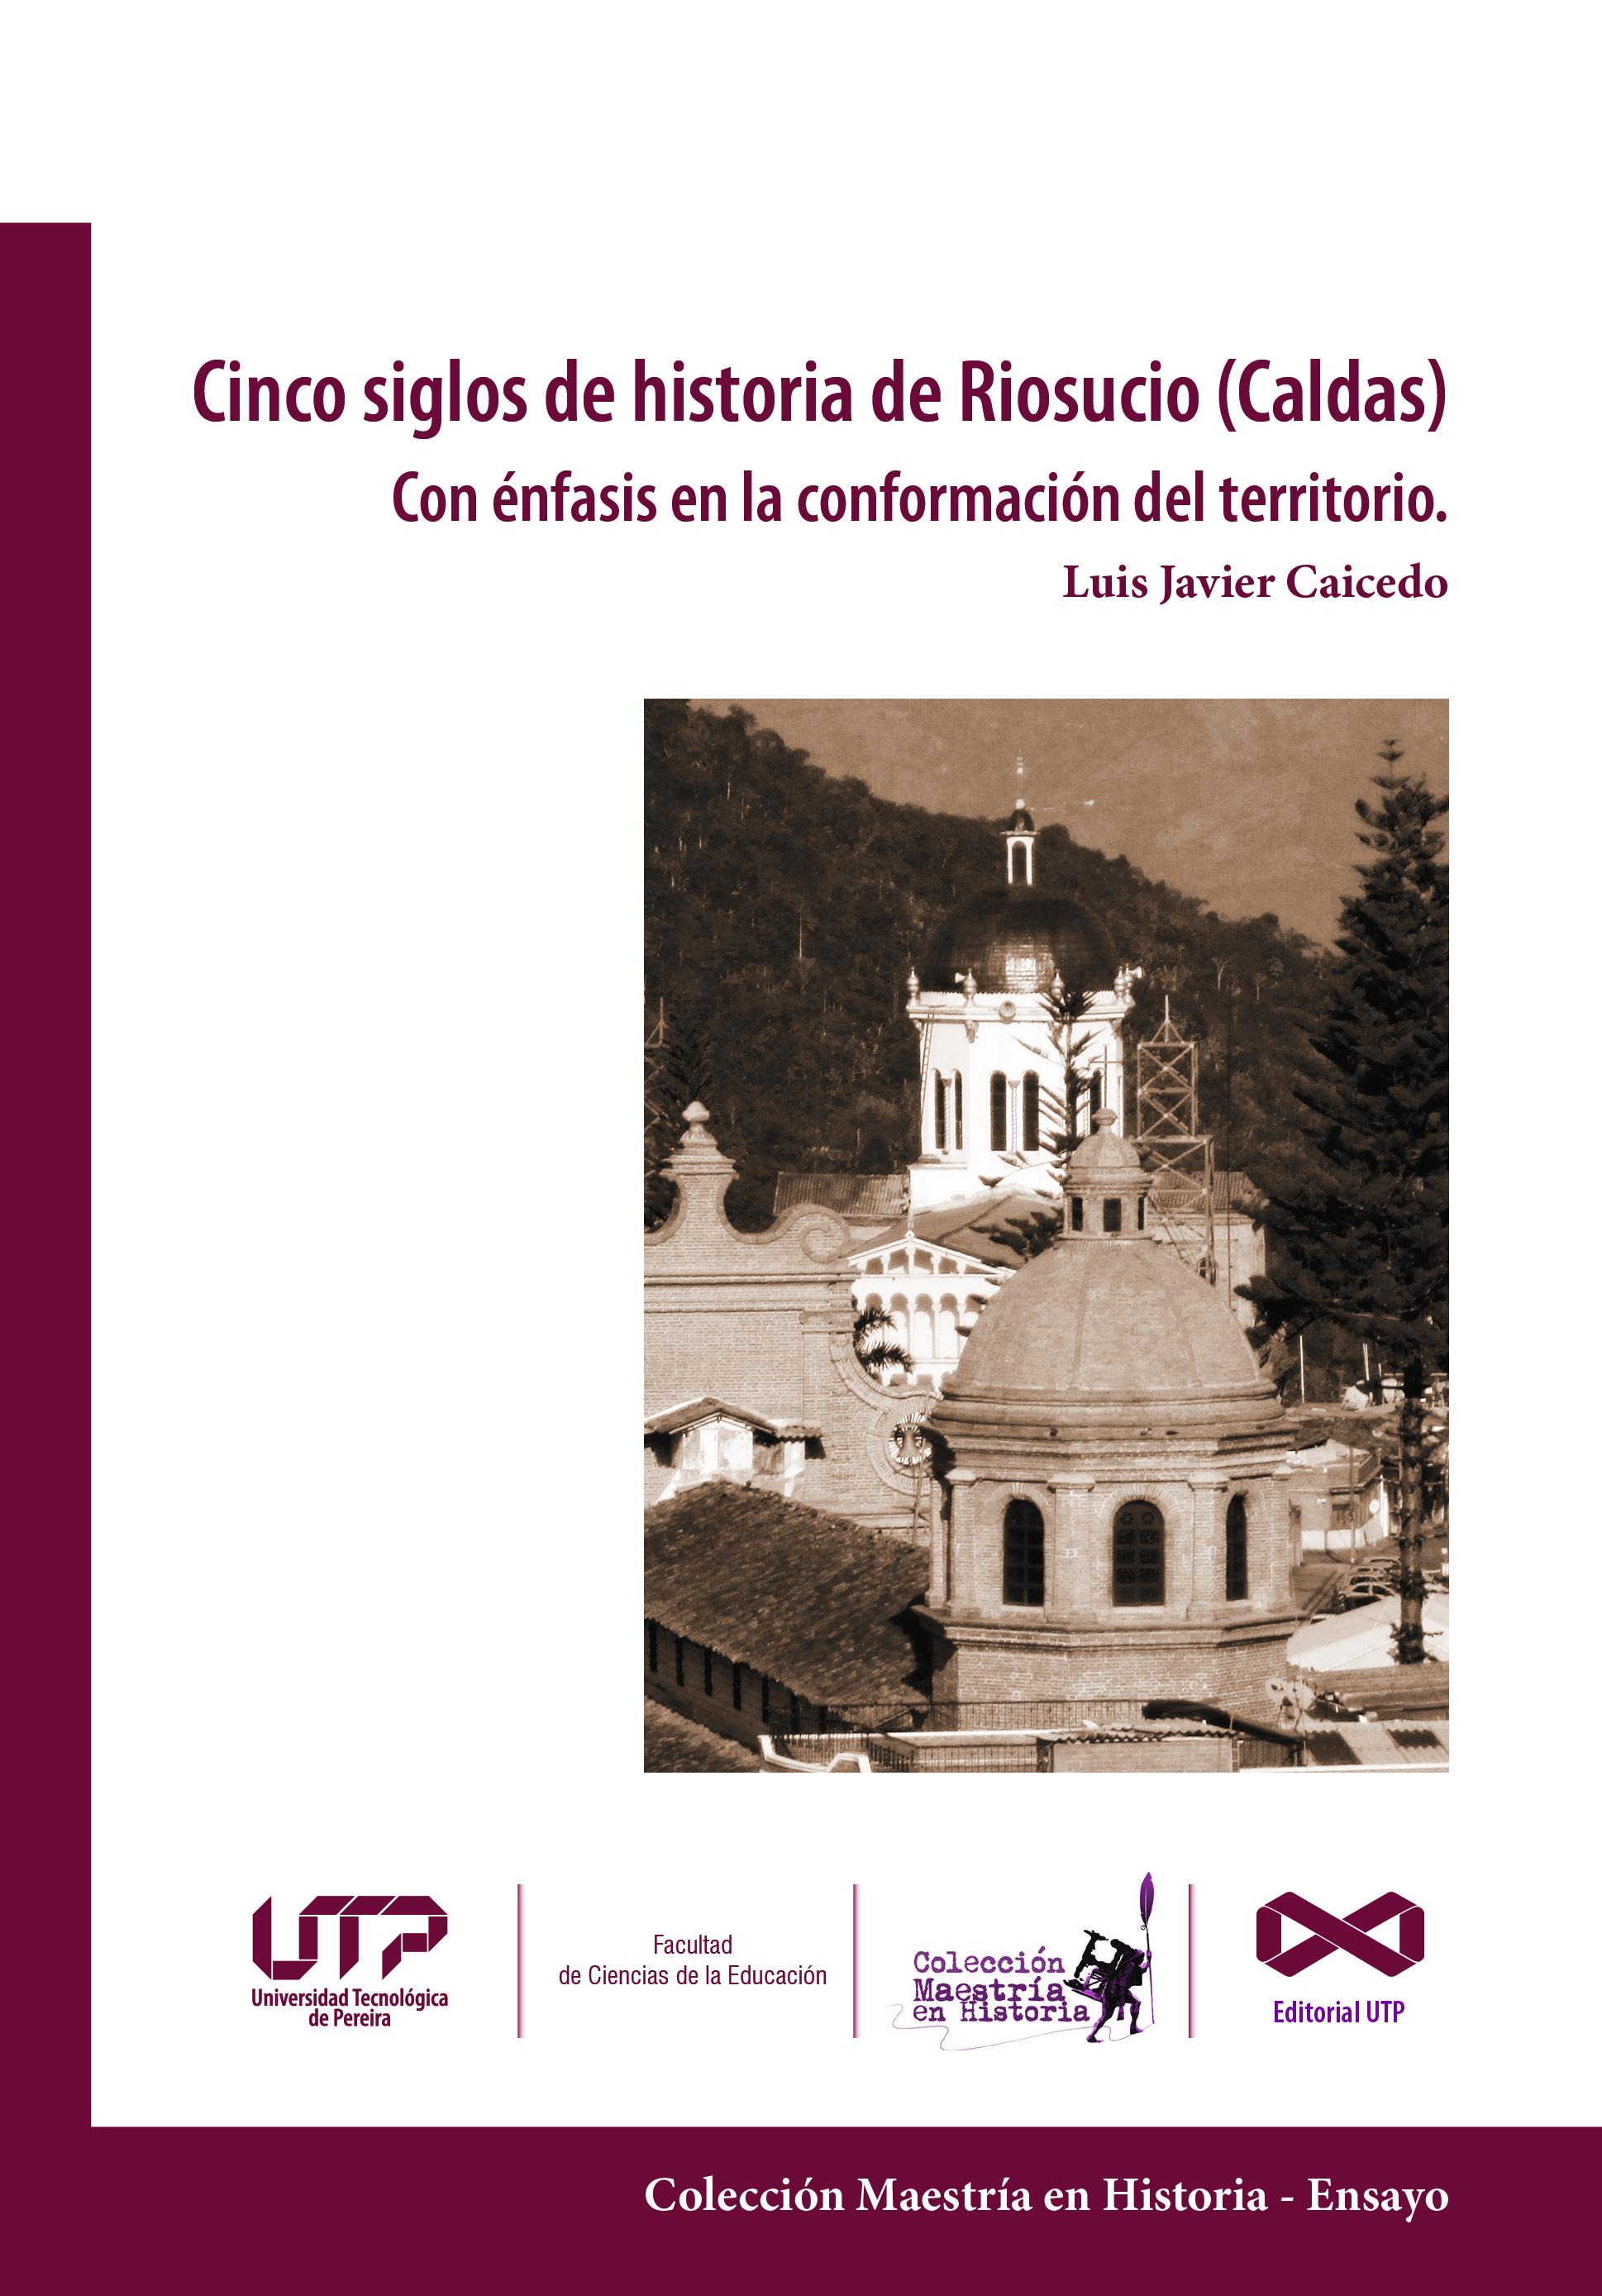 Cinco Siglos de Historia de Riosucio